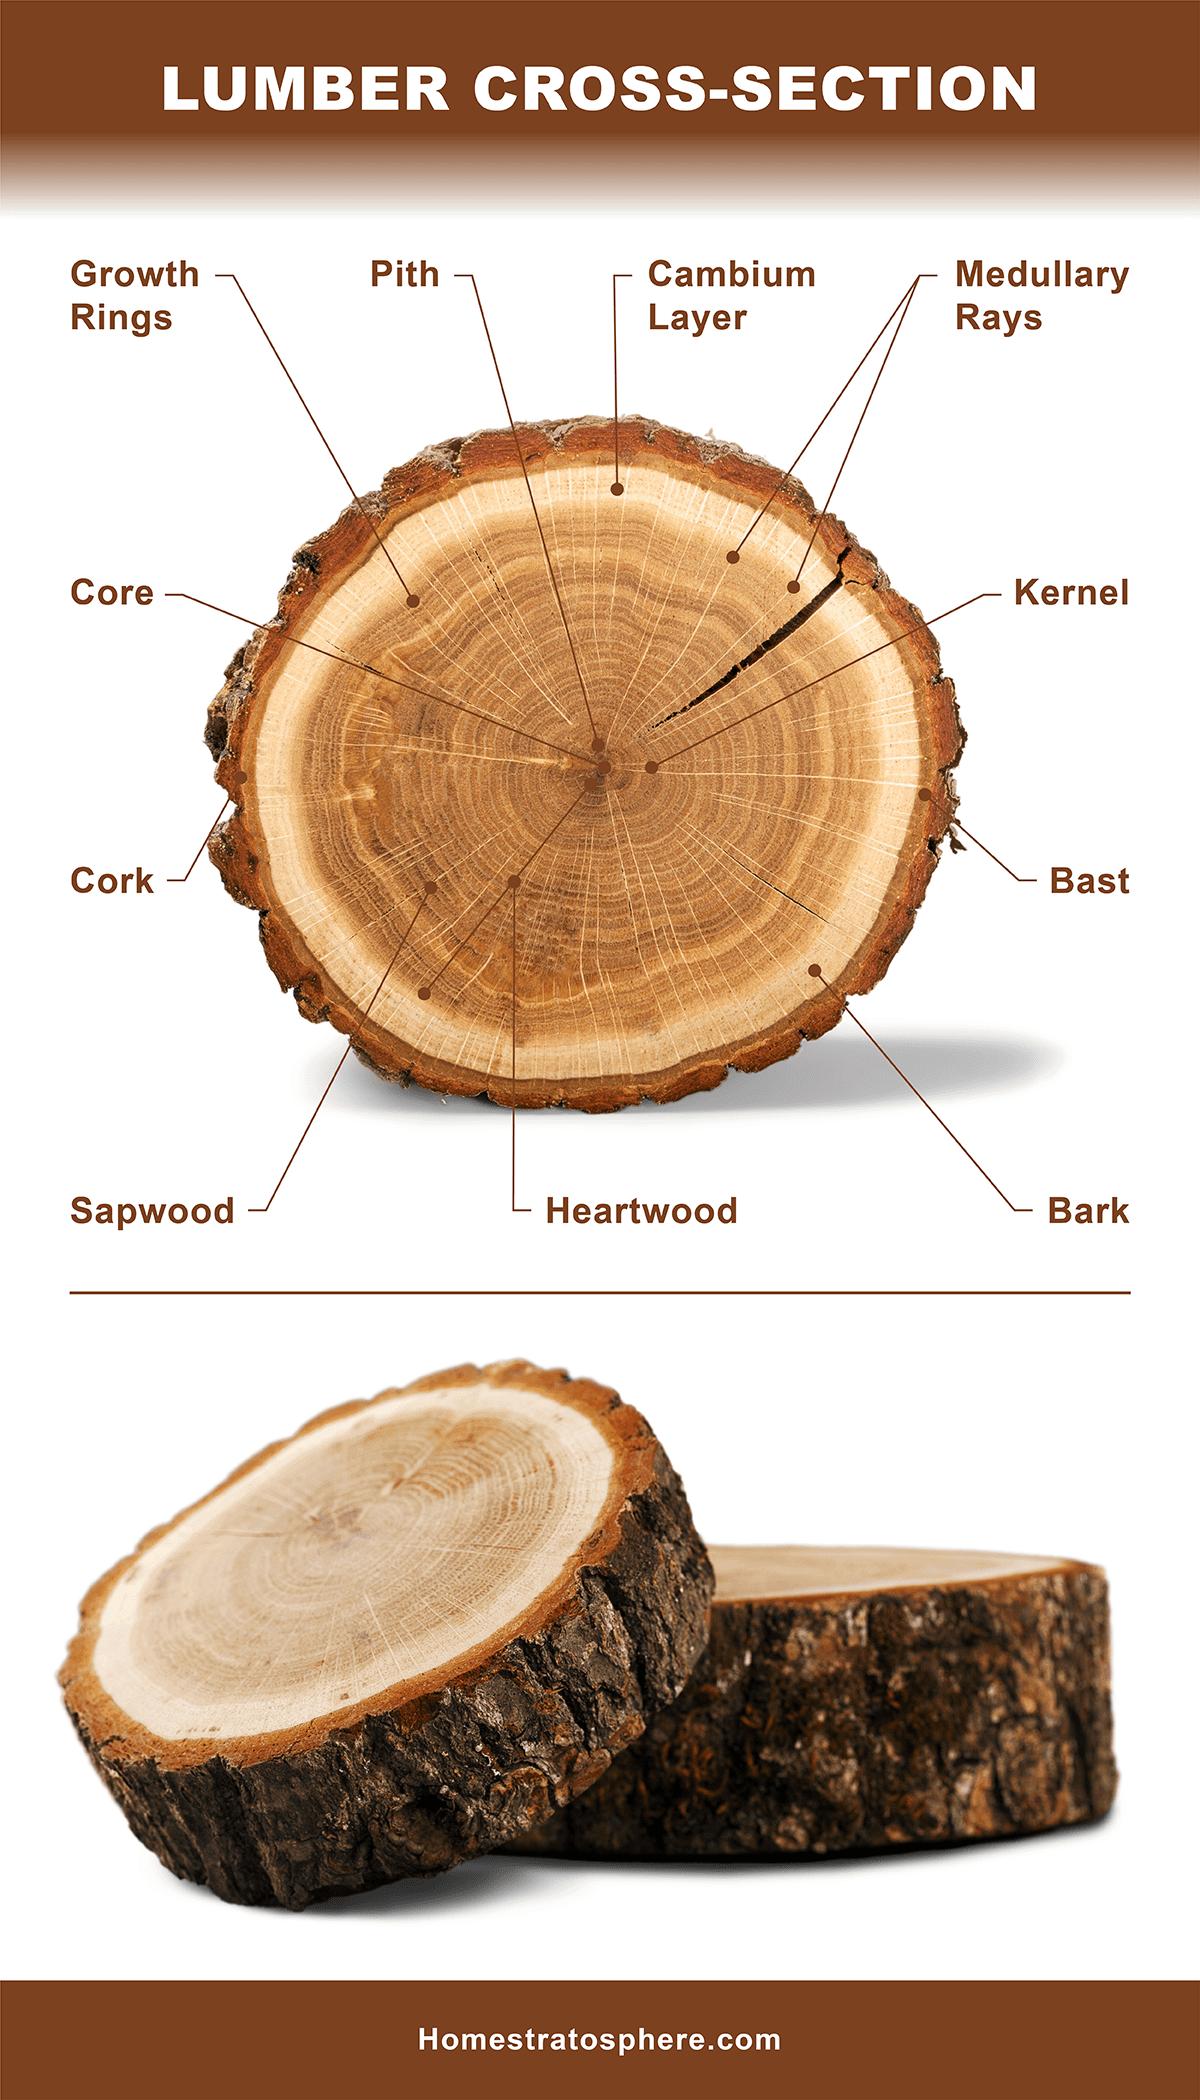 Lumber Cross-Section